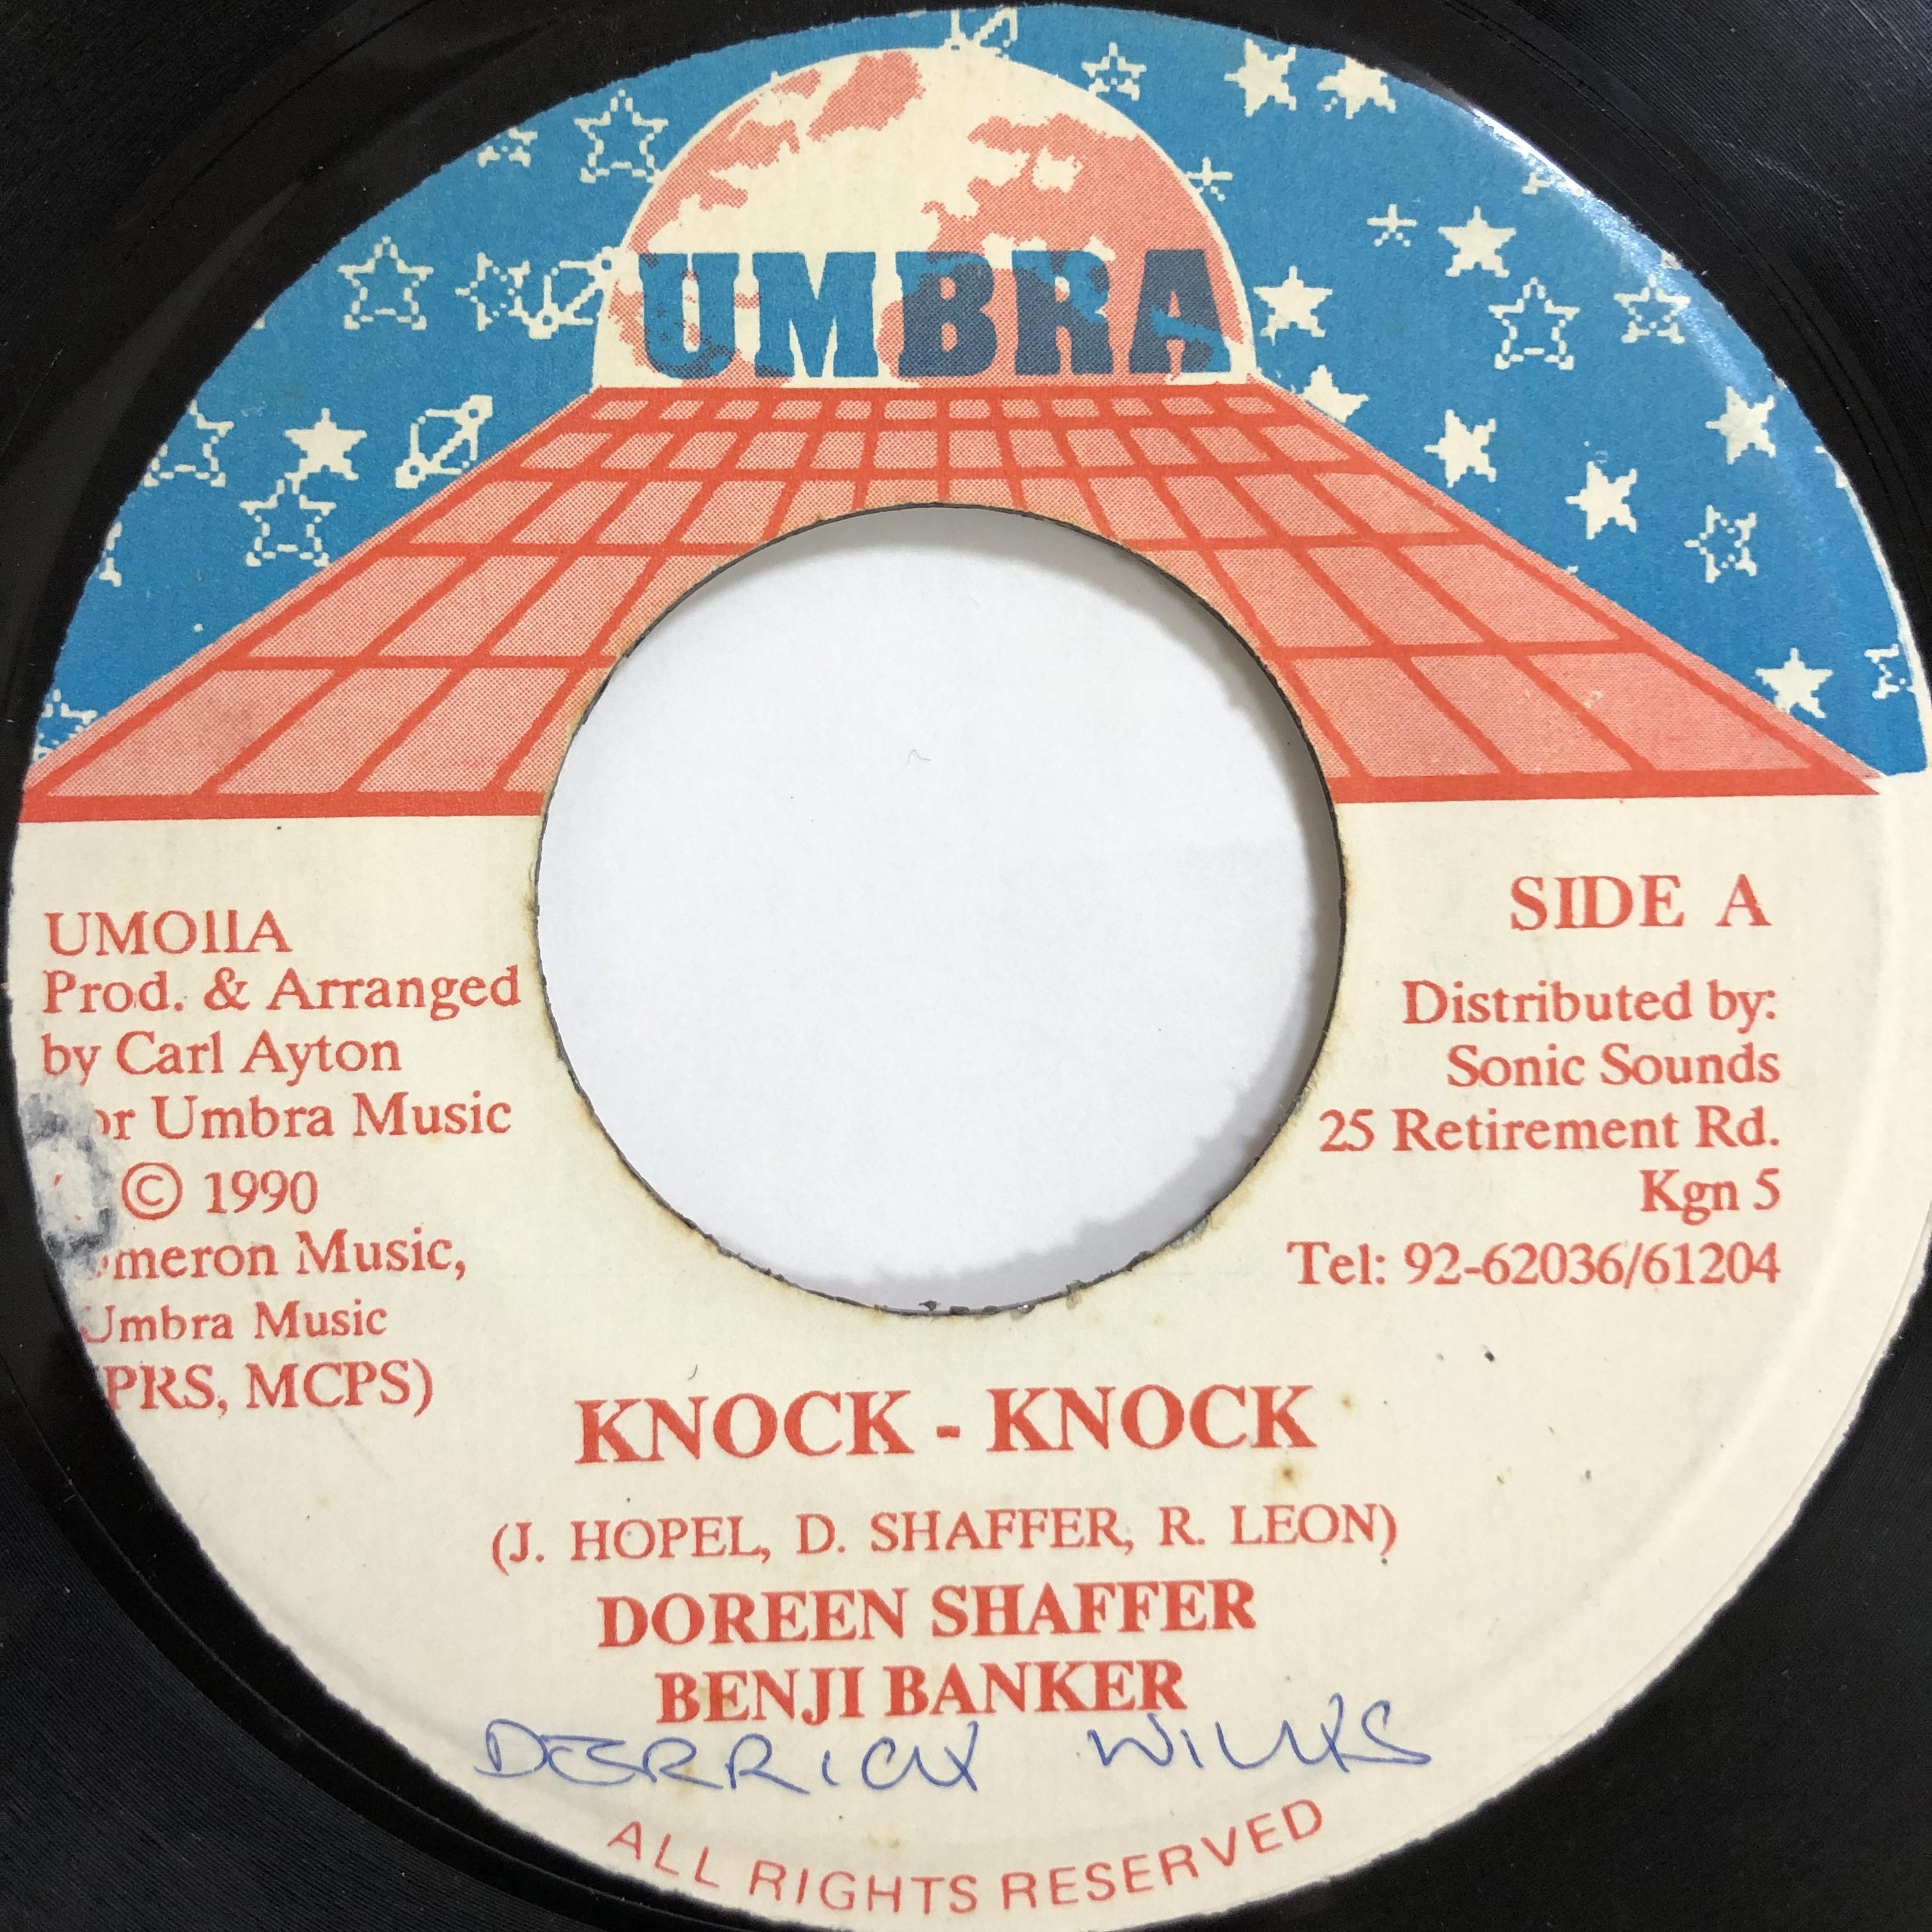 Doreen Shaffer, Benji Banker - Knock Knock【7-20048】